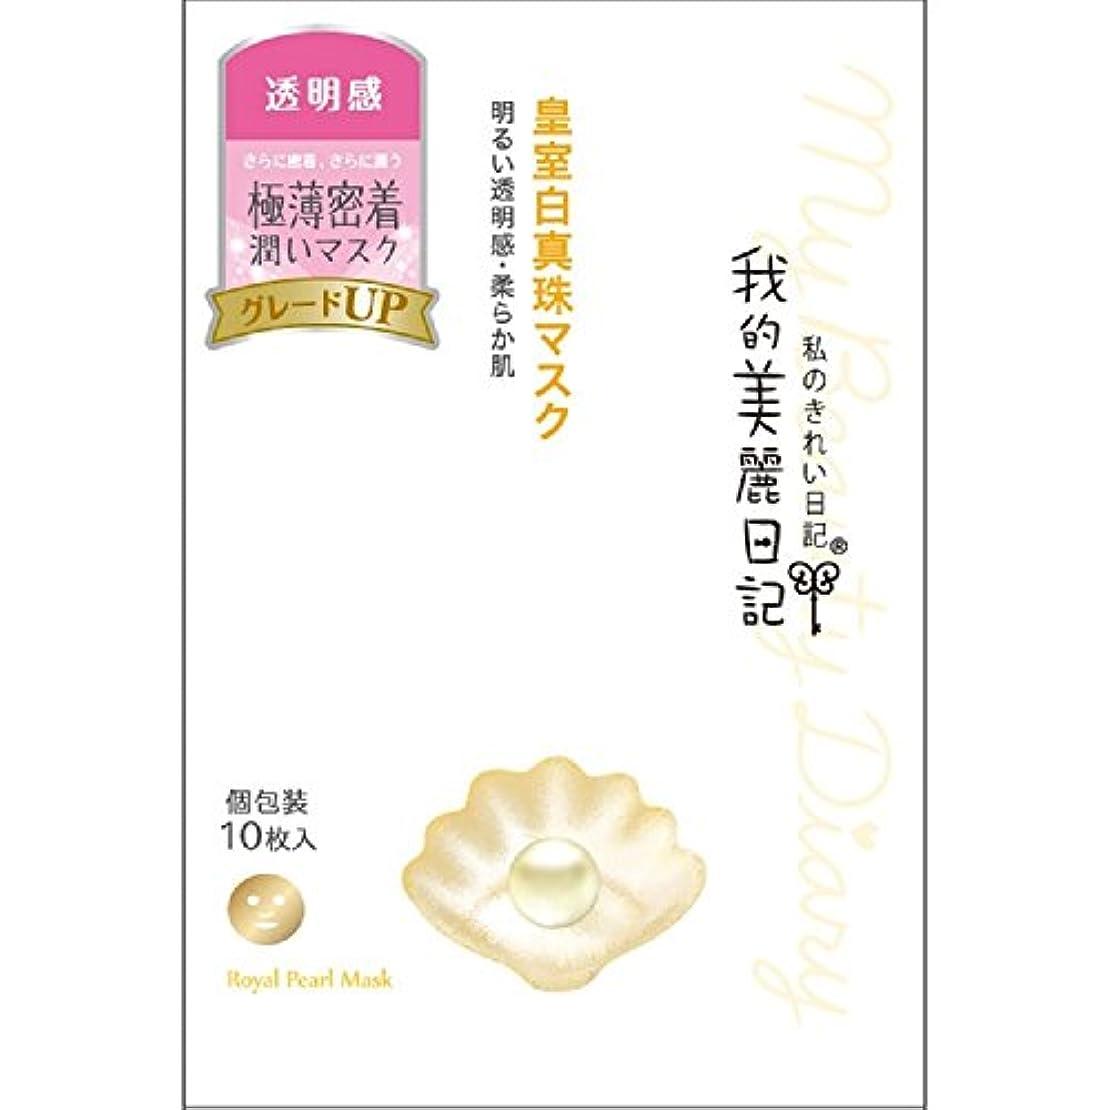 同化するバッチデモンストレーション私のきれい日記 皇室白真珠マスク 10枚入り